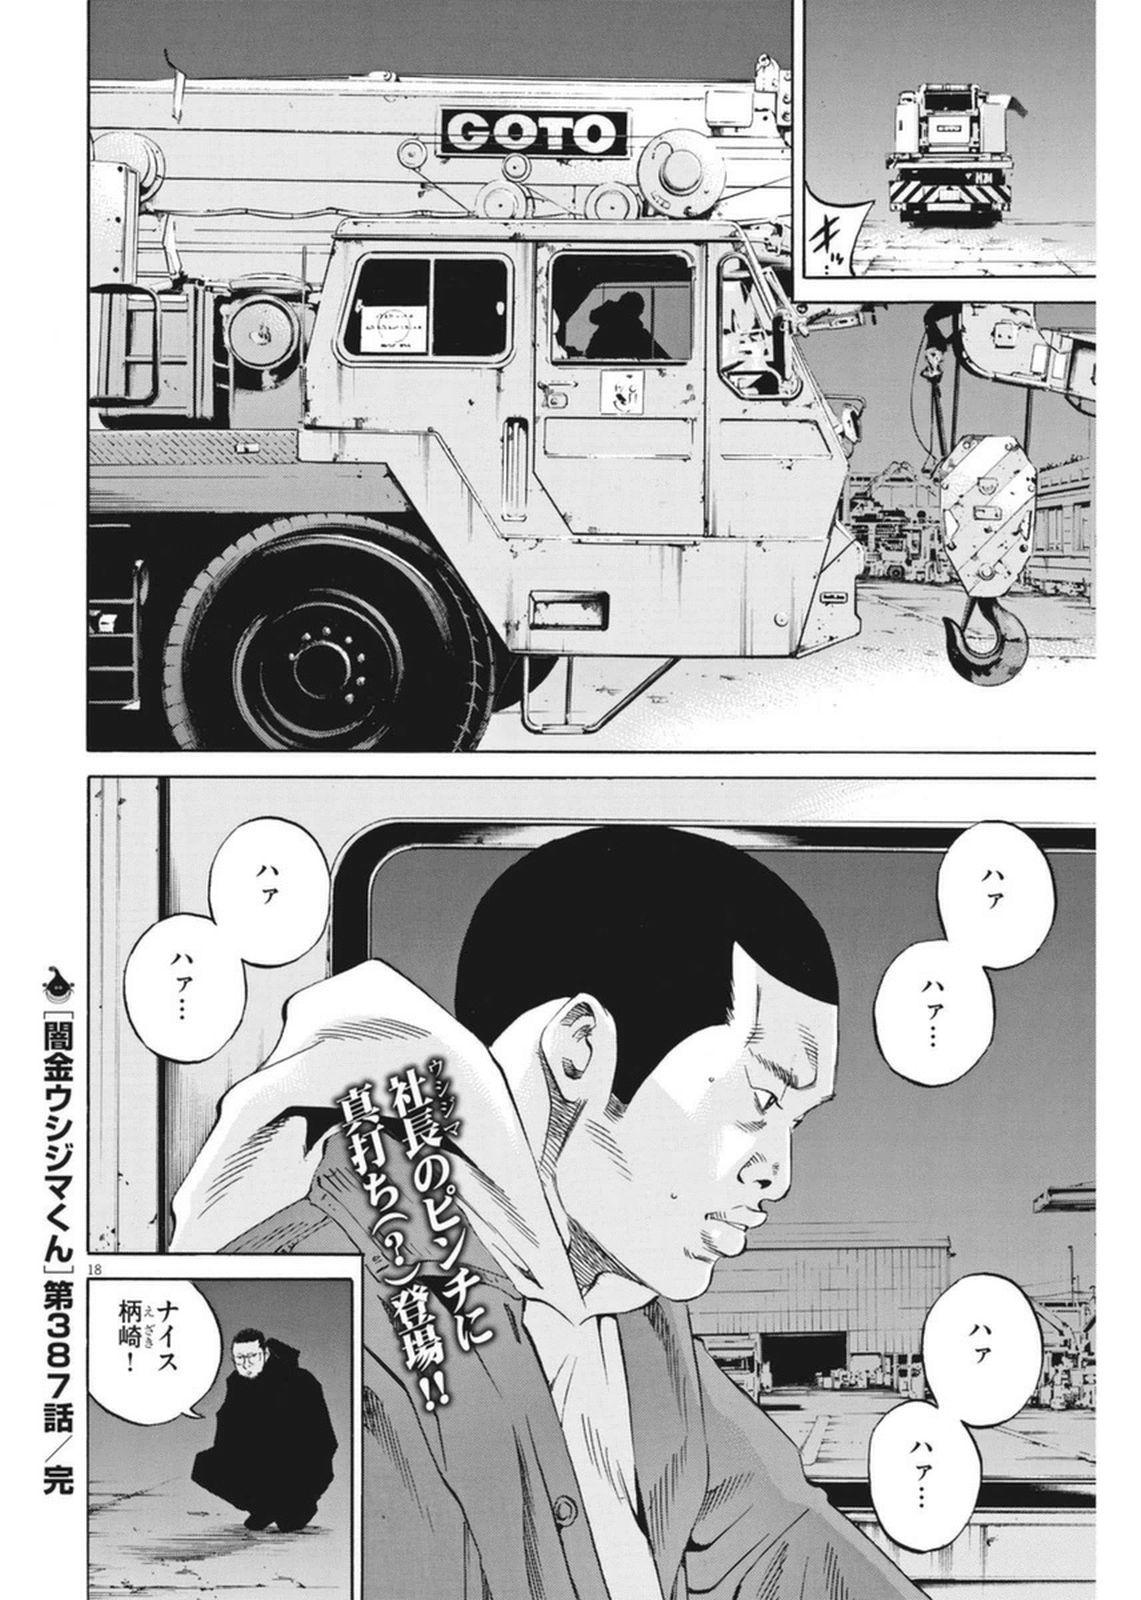 くん 江崎 ウシジマ